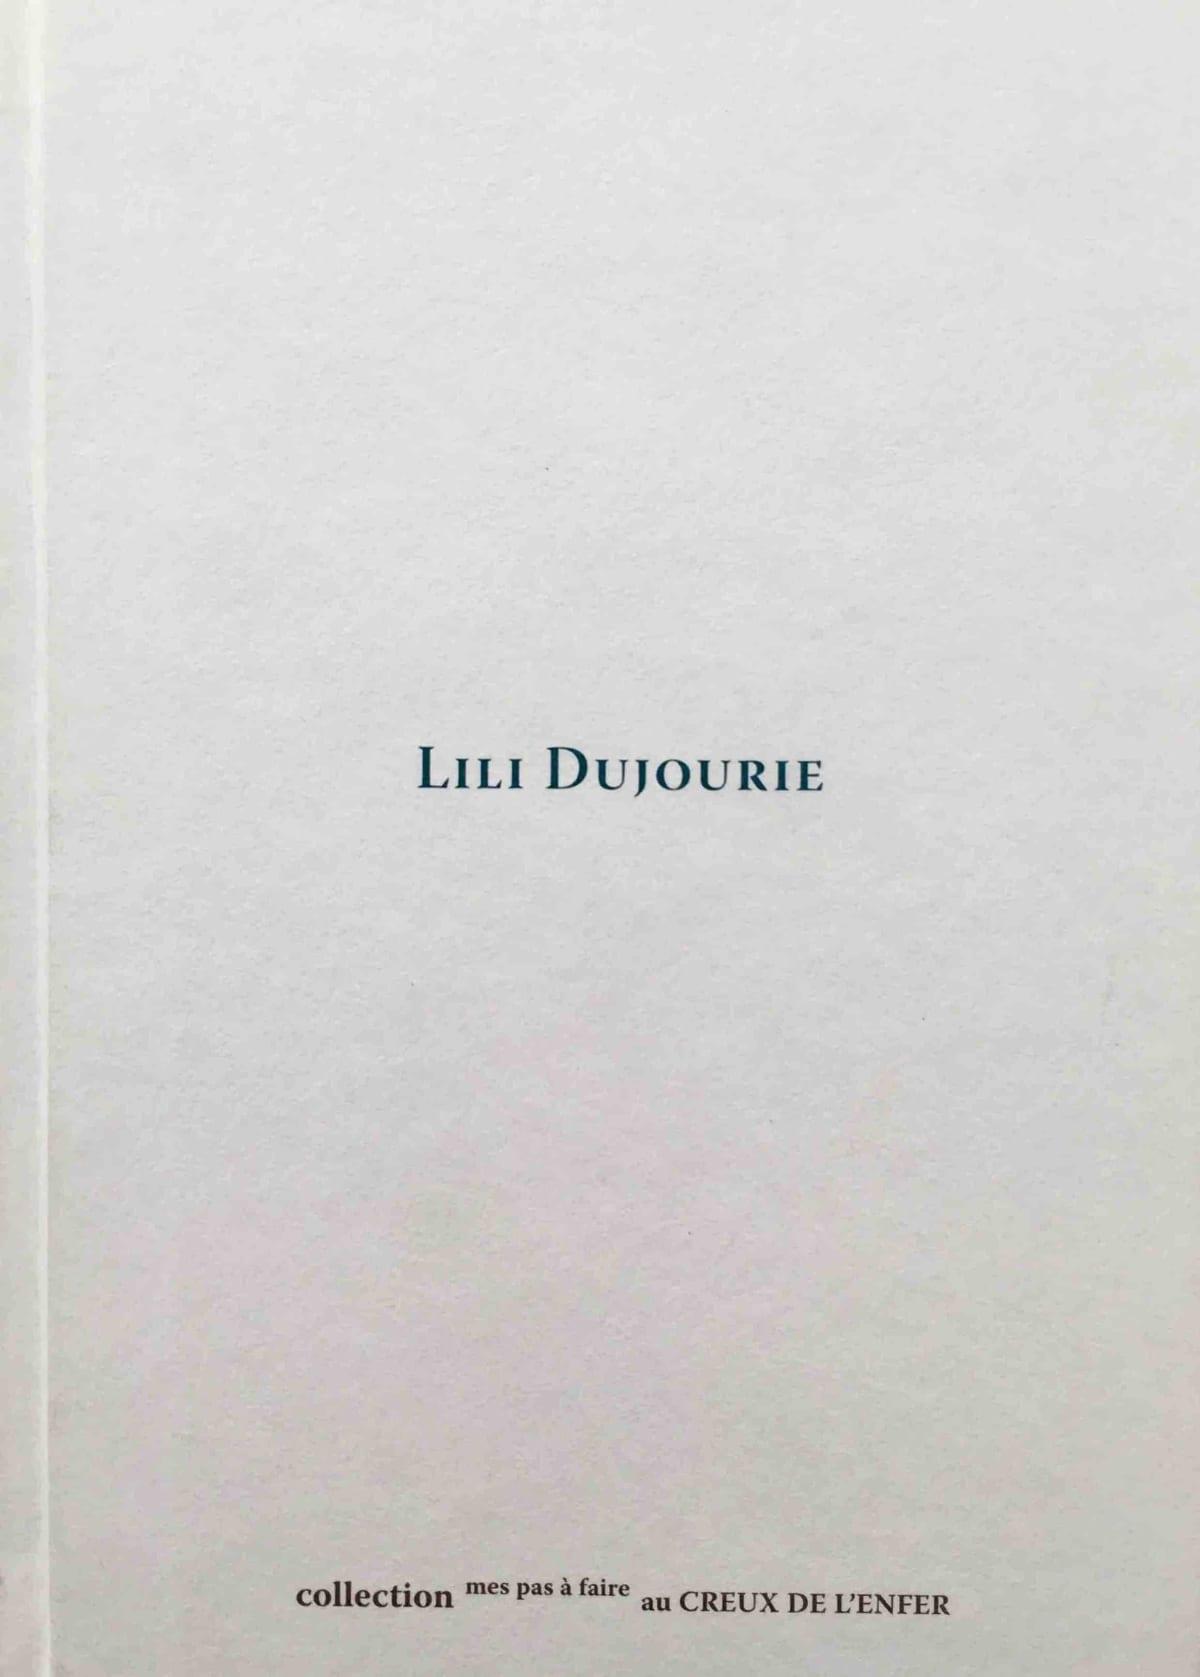 Lili_Dujourie_publication_creux_de_l'enfer_2009